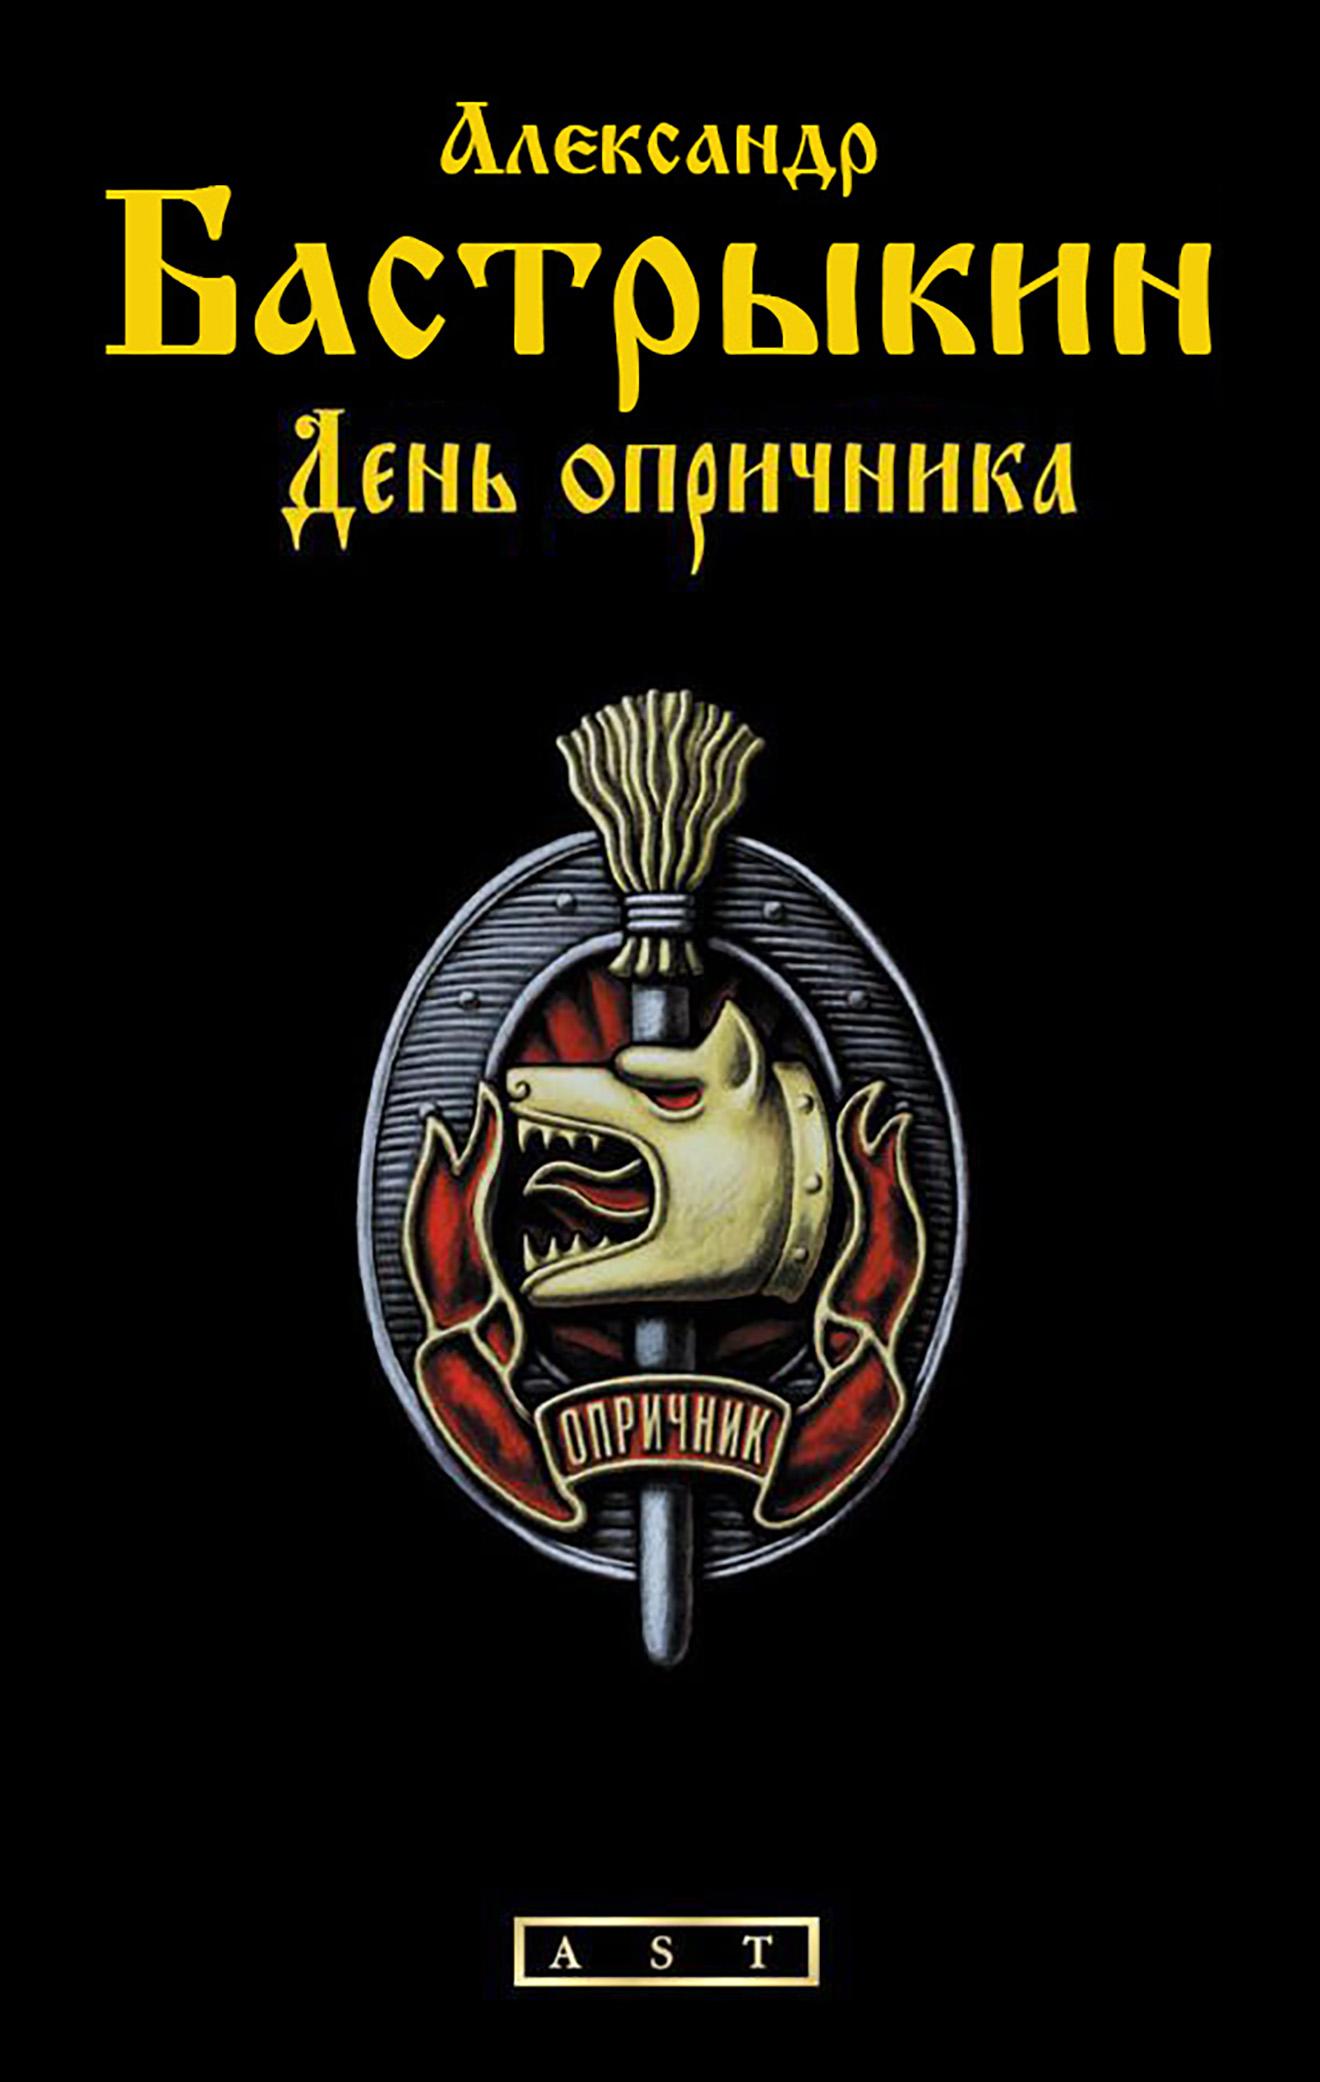 Скачать книги дмитрия яроша